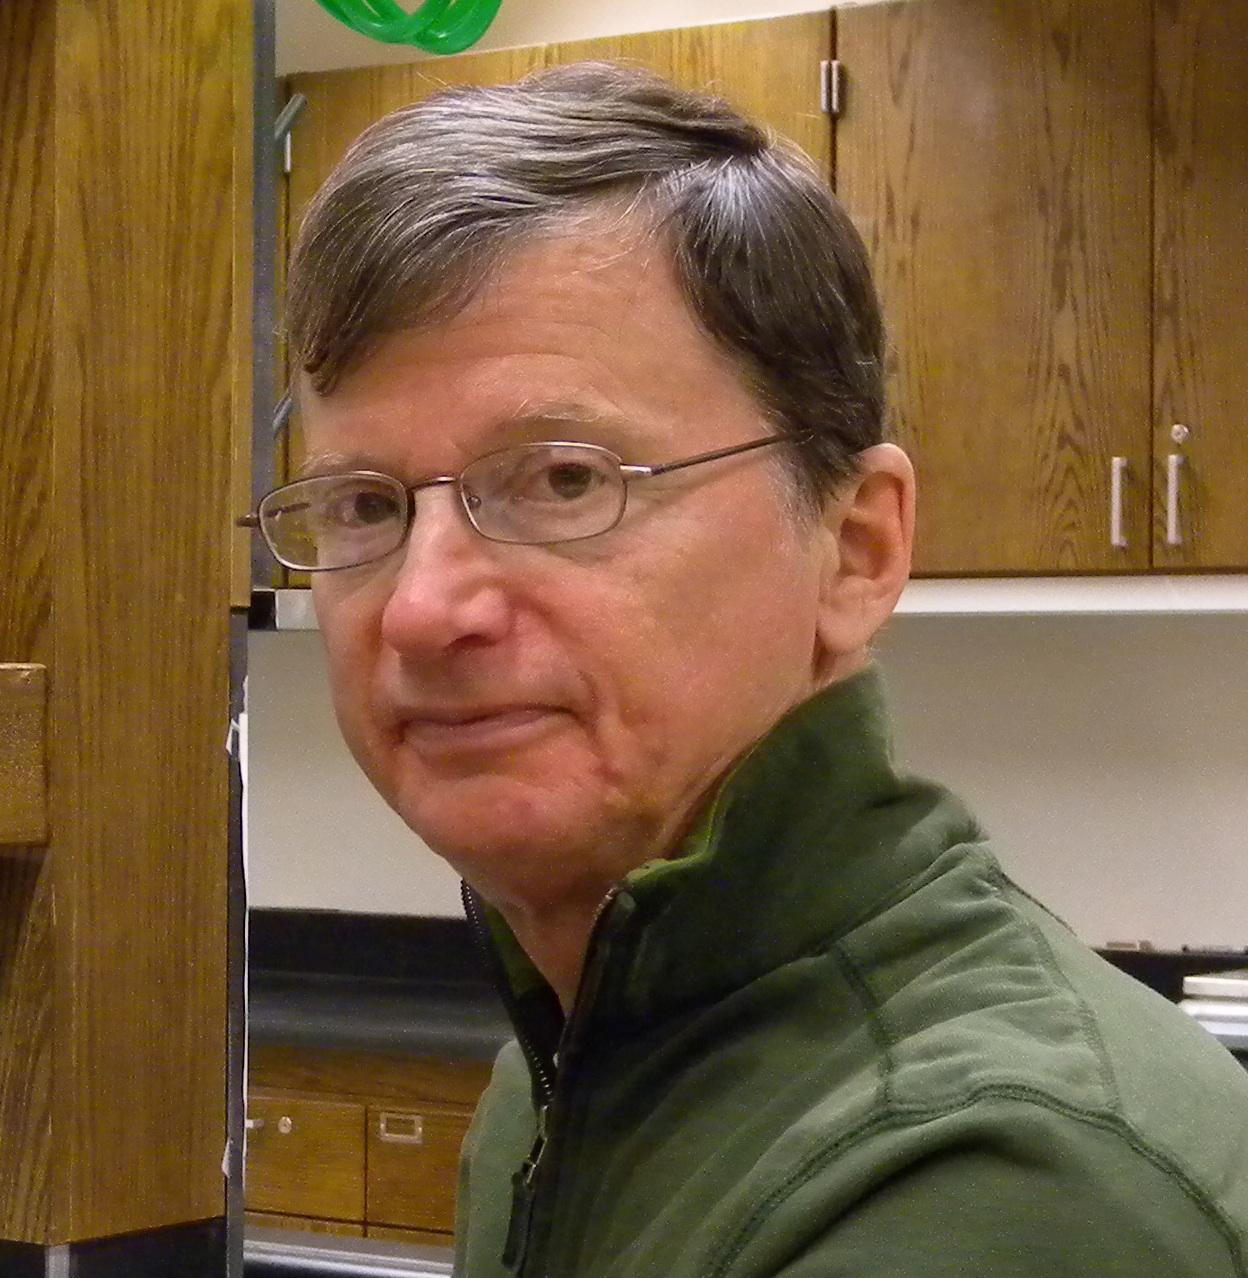 Bob Karrfalt